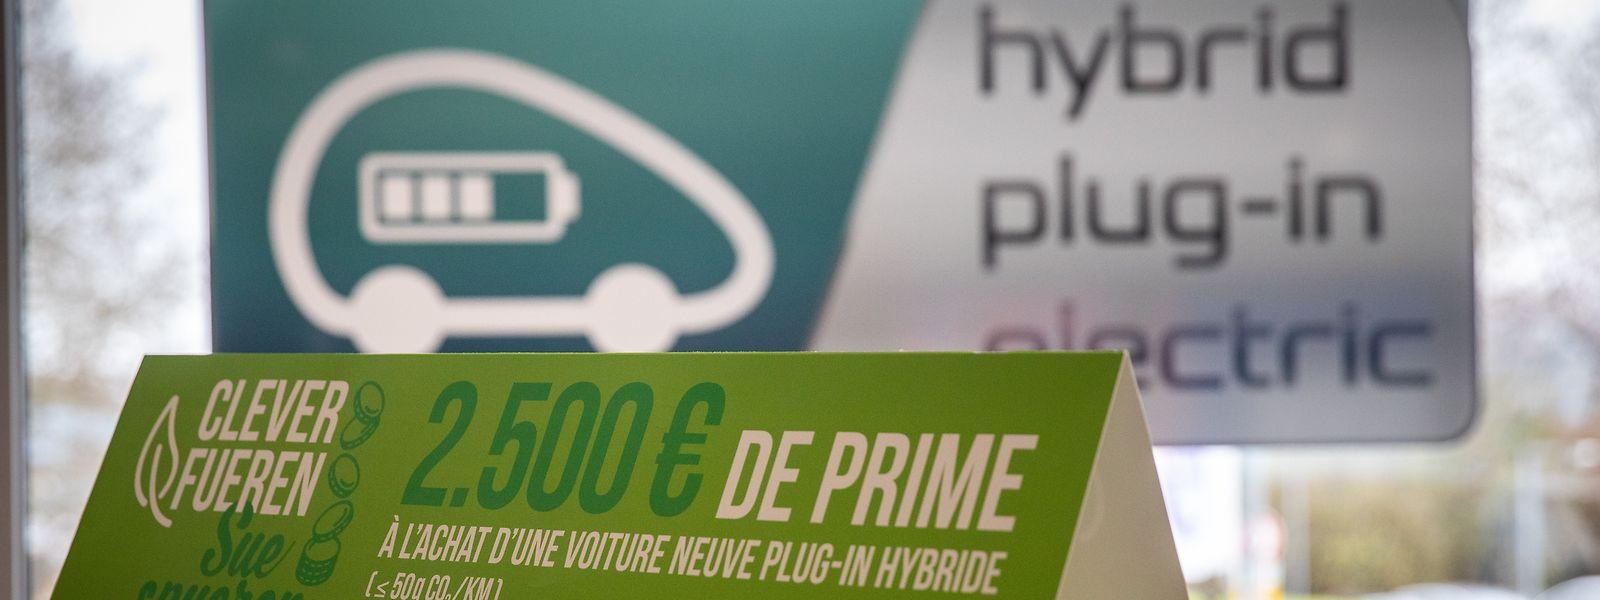 Der Kauf von Hybridautos wird heute mit 2.500 Euro und der von vollelektrischen Autos mit 8.000 Euro subventioniert. Hier wird es bald Änderungen geben.